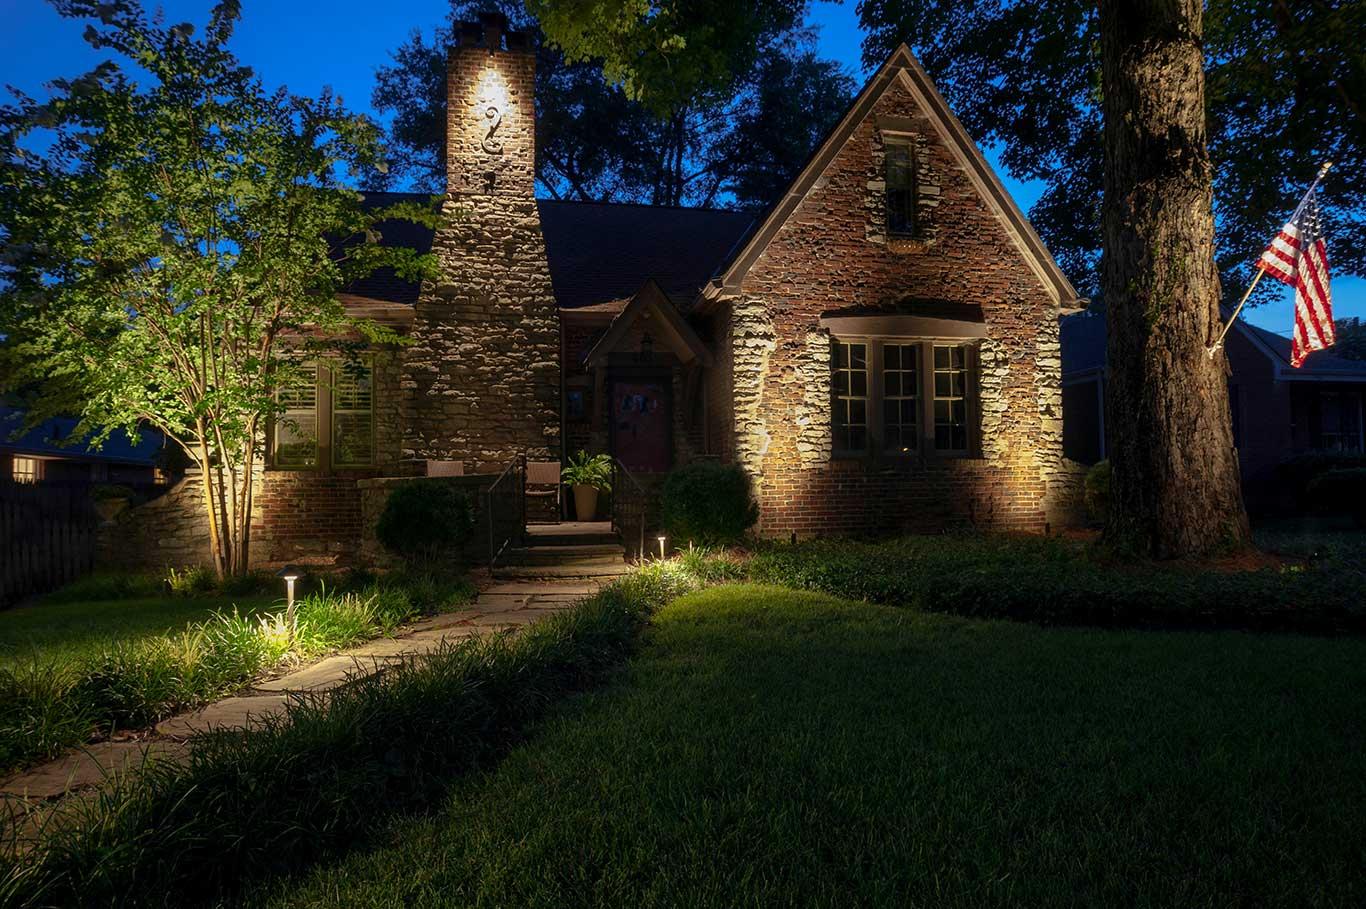 outdoor lighting service